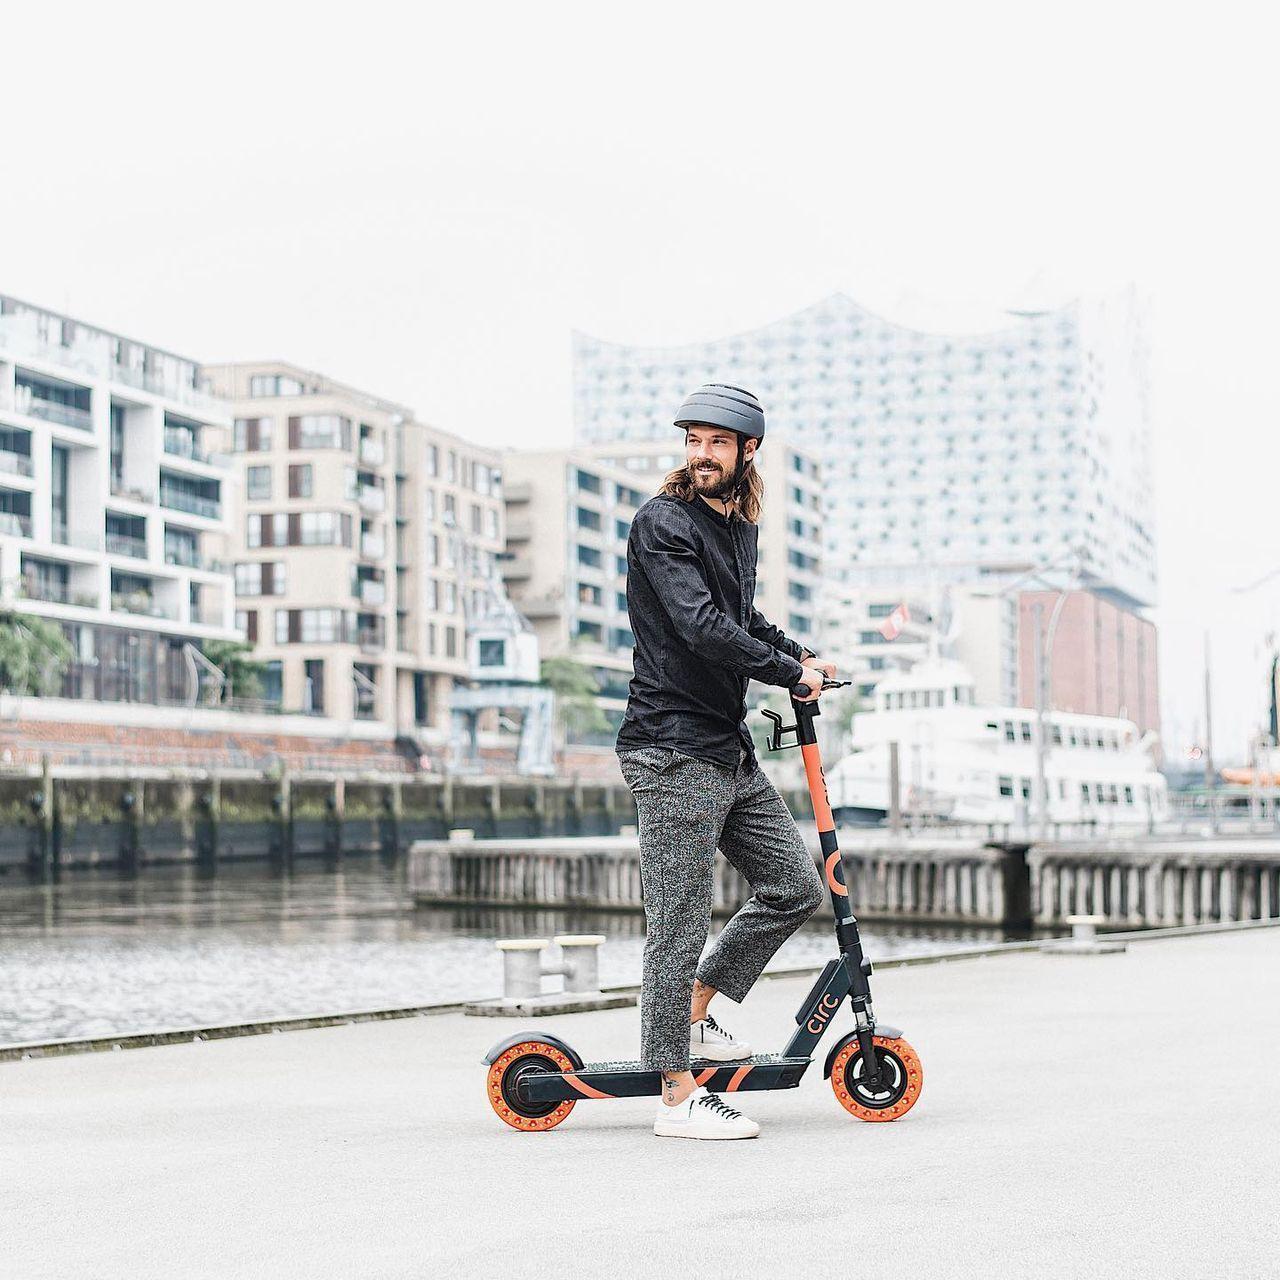 Elsparkcykel-tjänsten Circ lanseras i Malmö och Lund